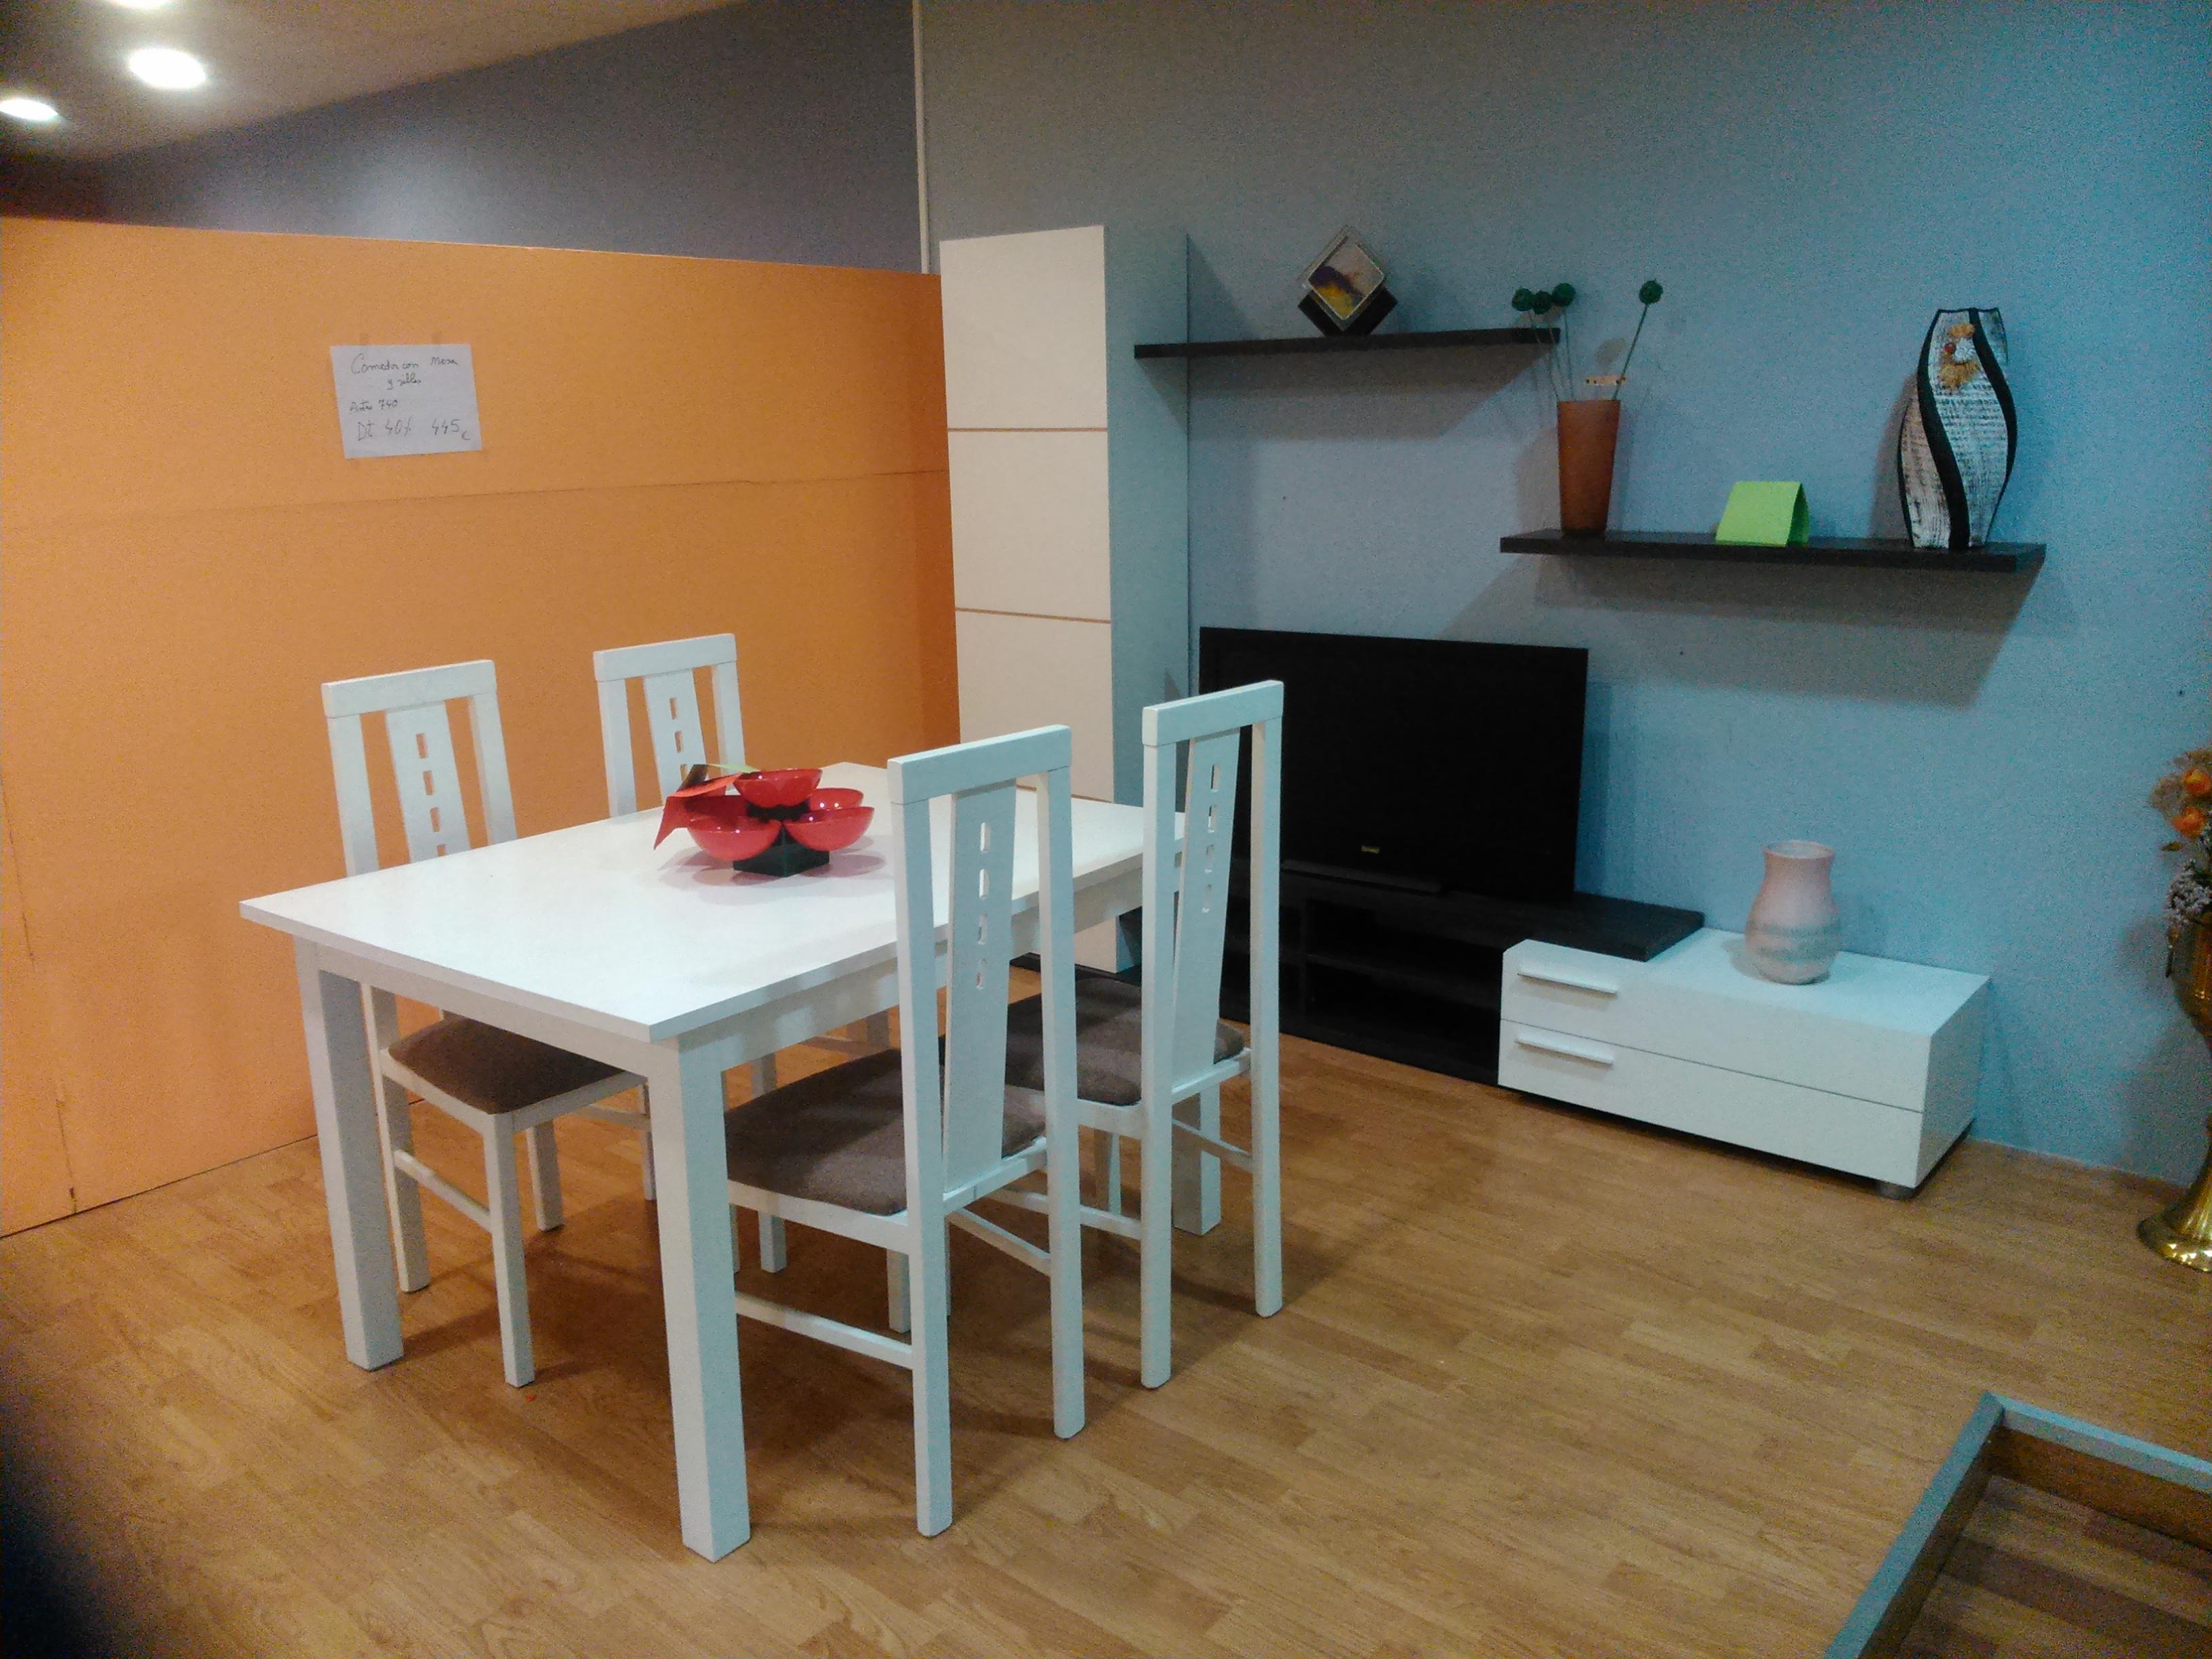 Conjunto comedor exposici n 01 muebles vinaroz for Conjunto muebles comedor